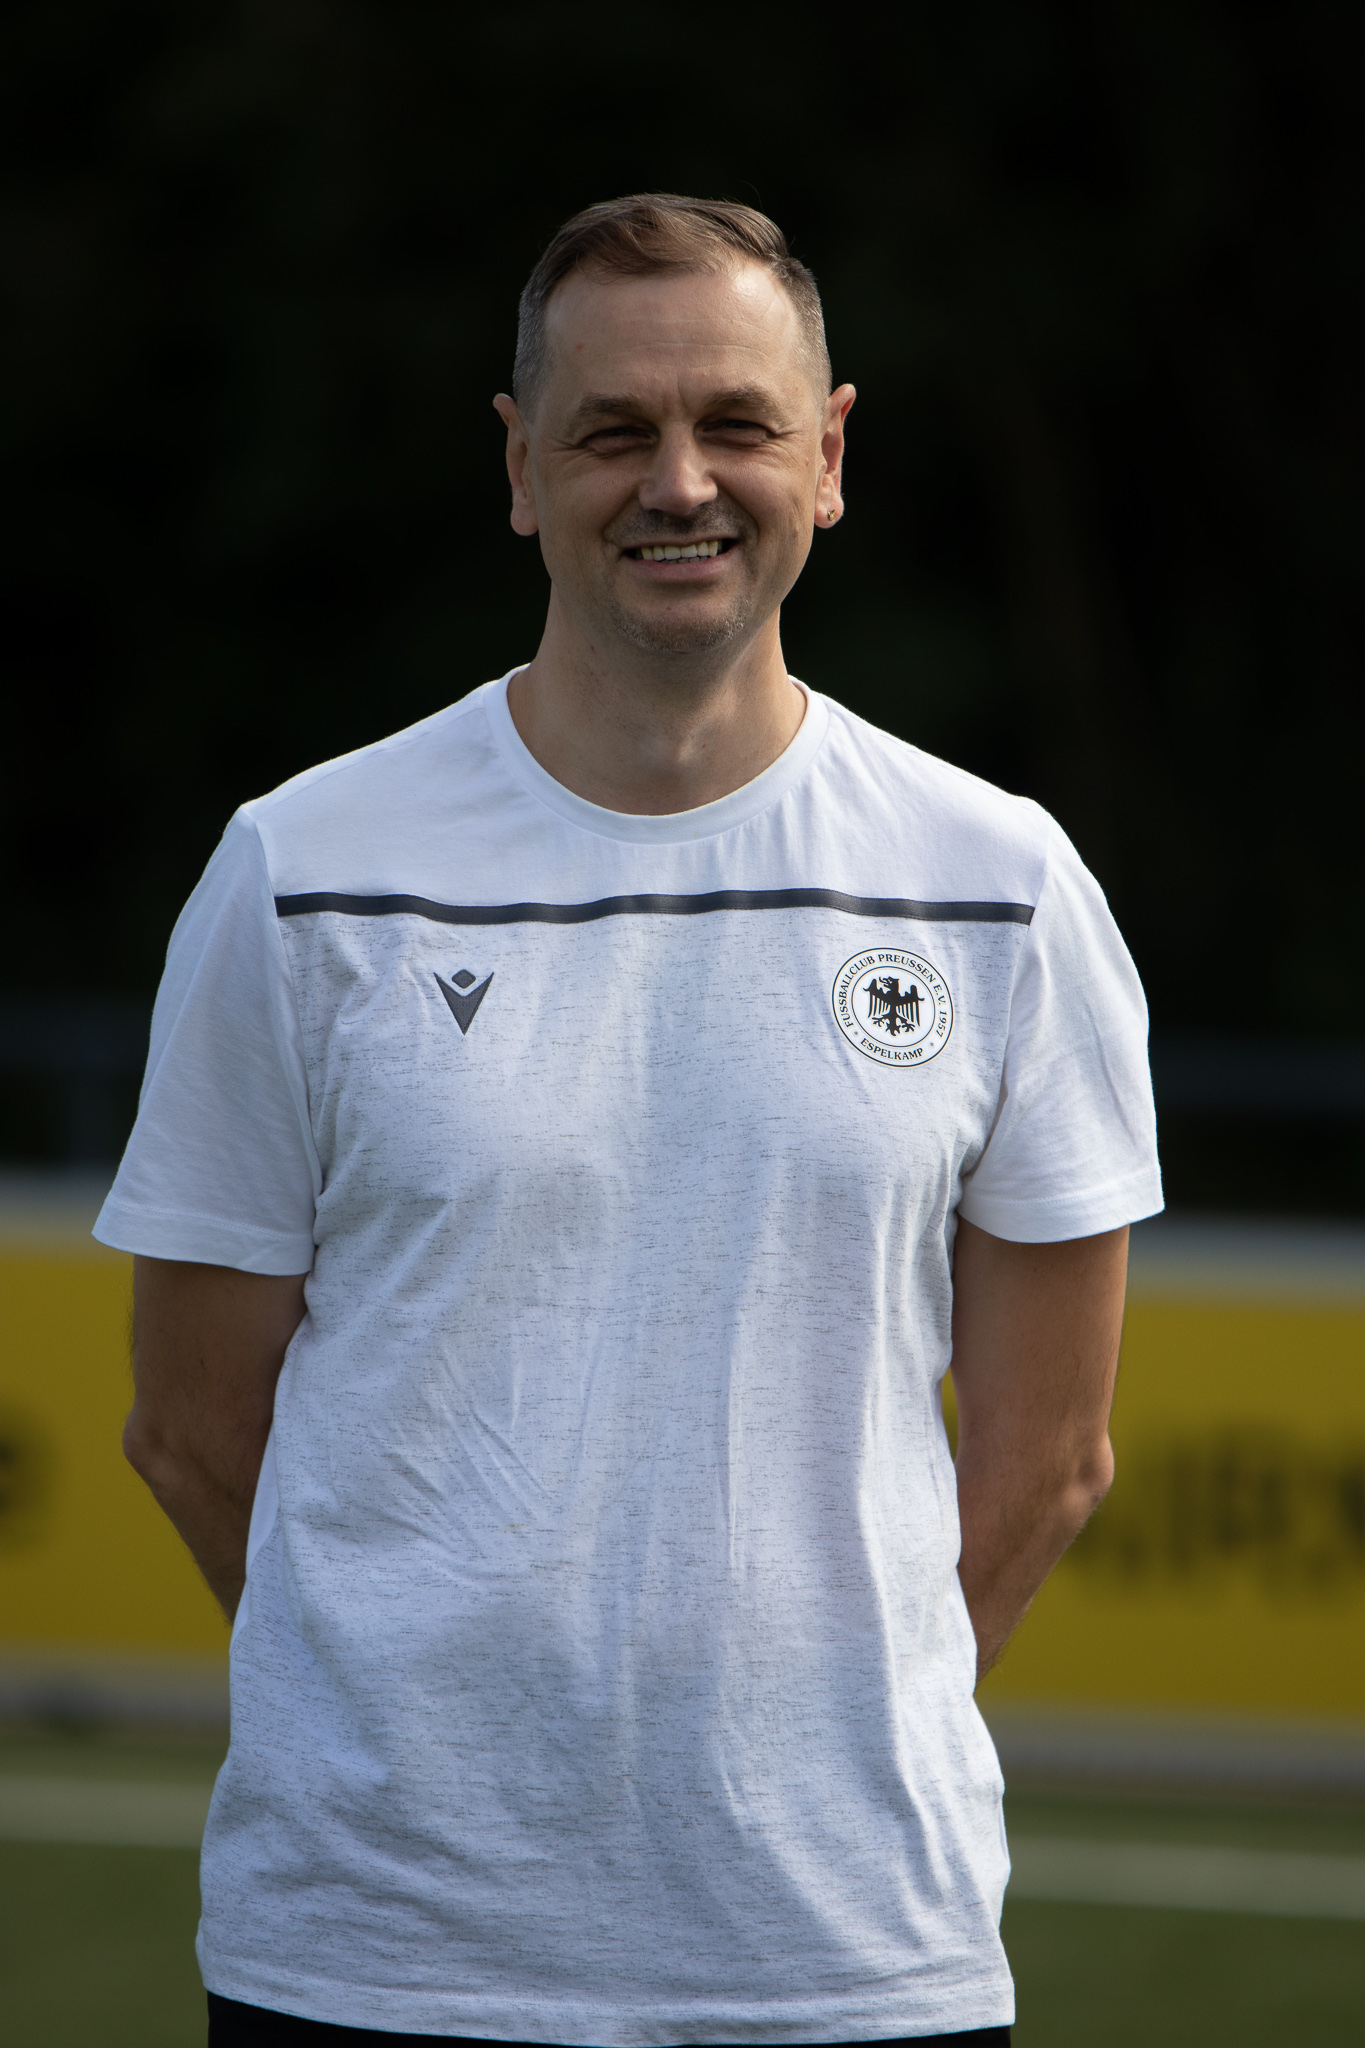 Eduard Lenz